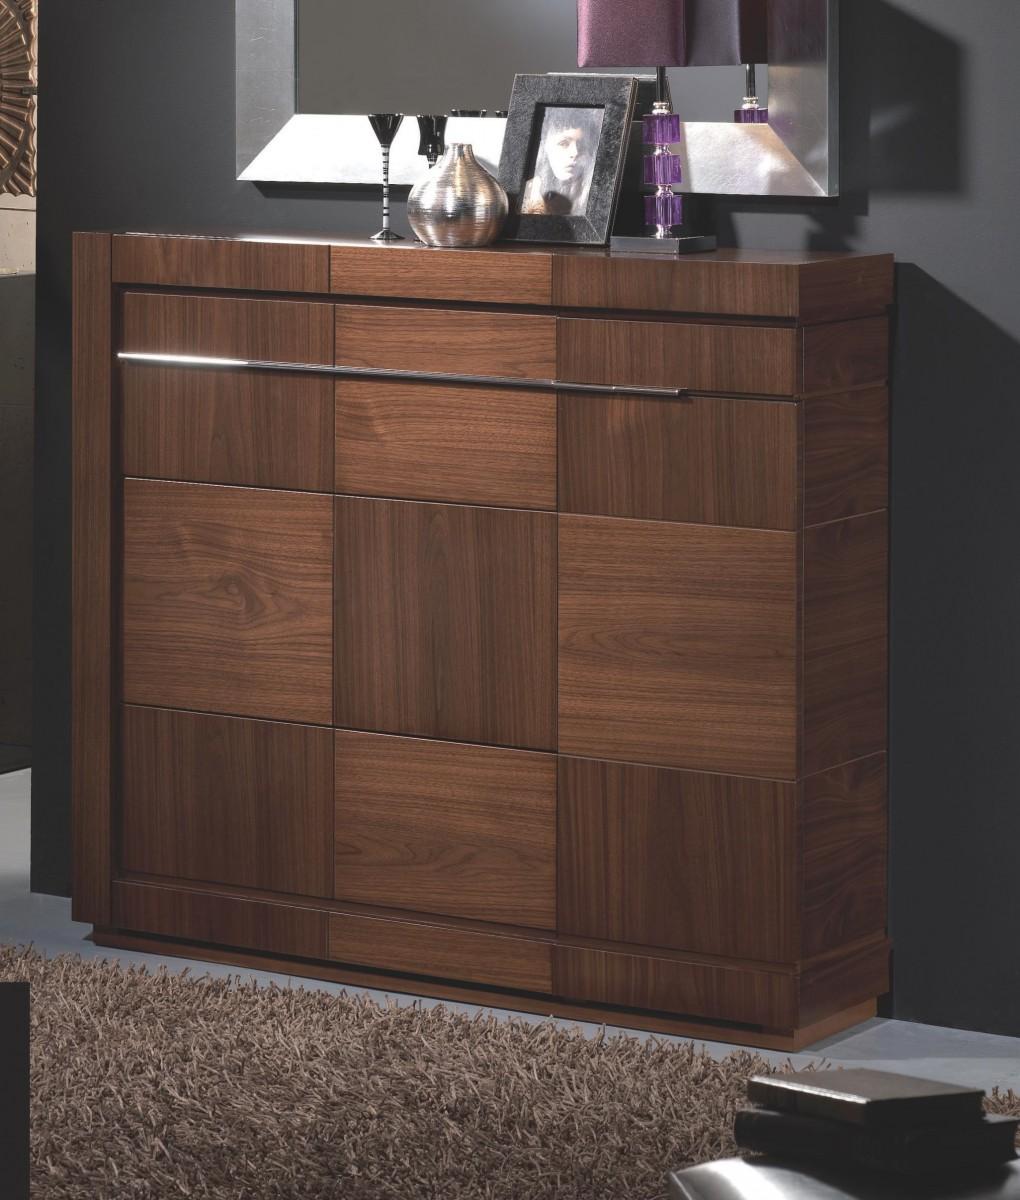 Mueble recibidor zapatero clasico moderno lacado muebles for Mueble zapatero recibidor